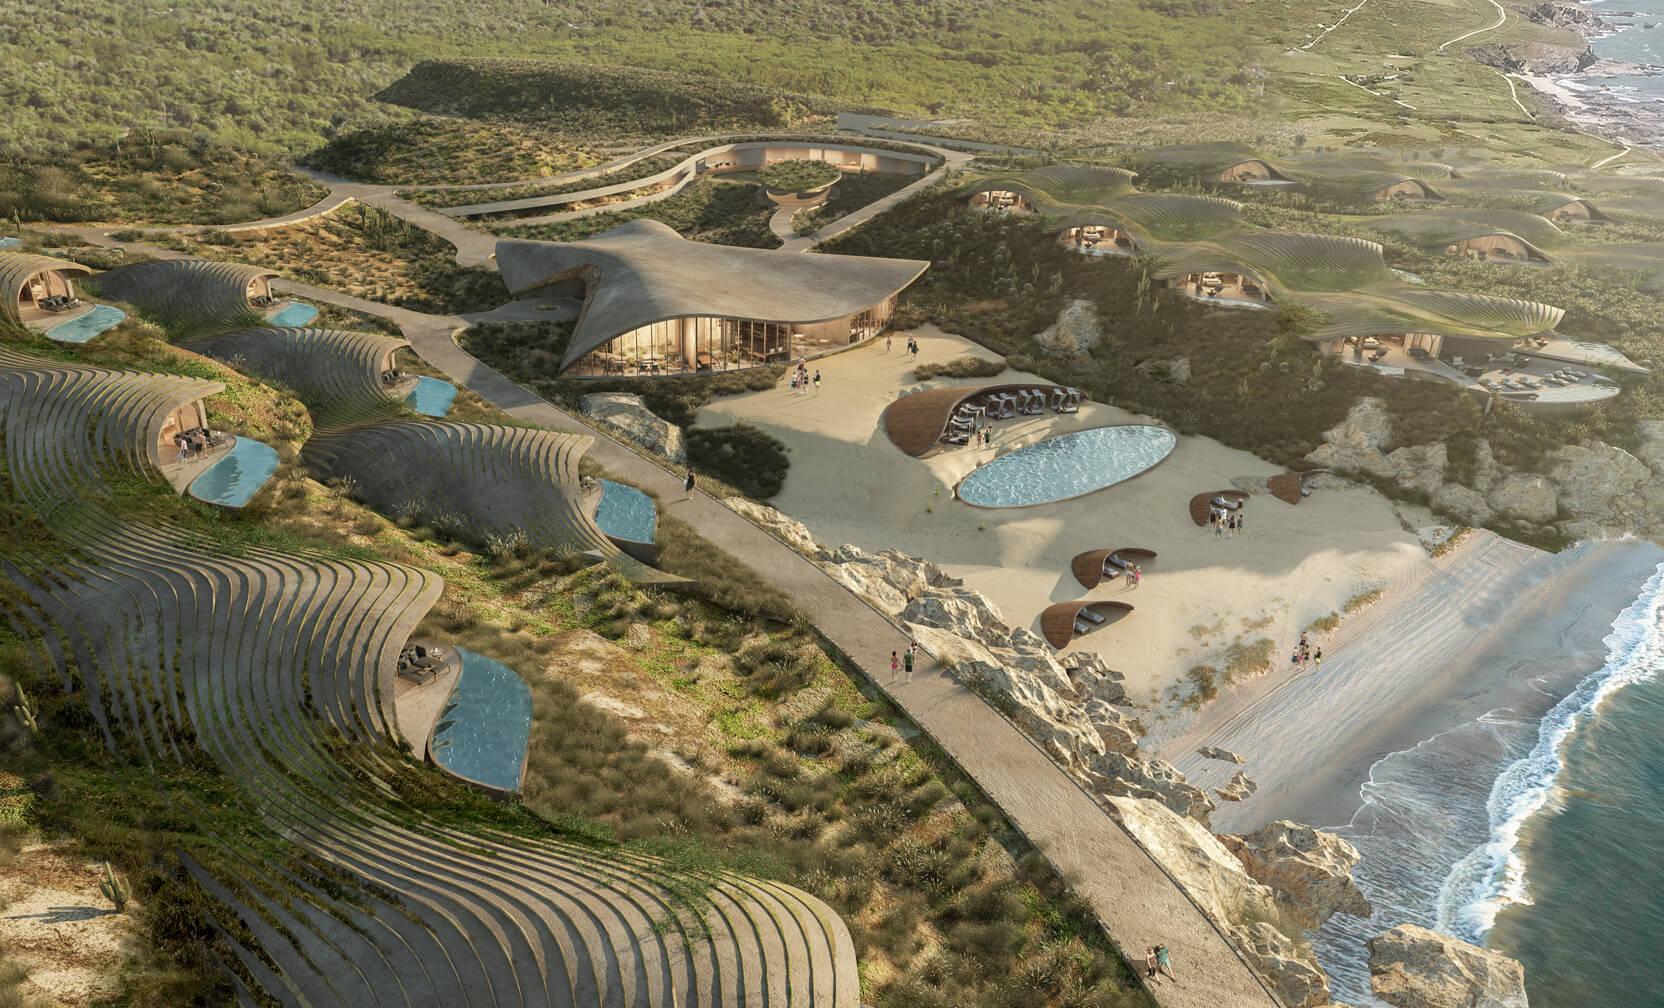 Nuevo hotel de Sordo Madaleno busca fusionarse con el paisaje desértico del Mar de Cortés